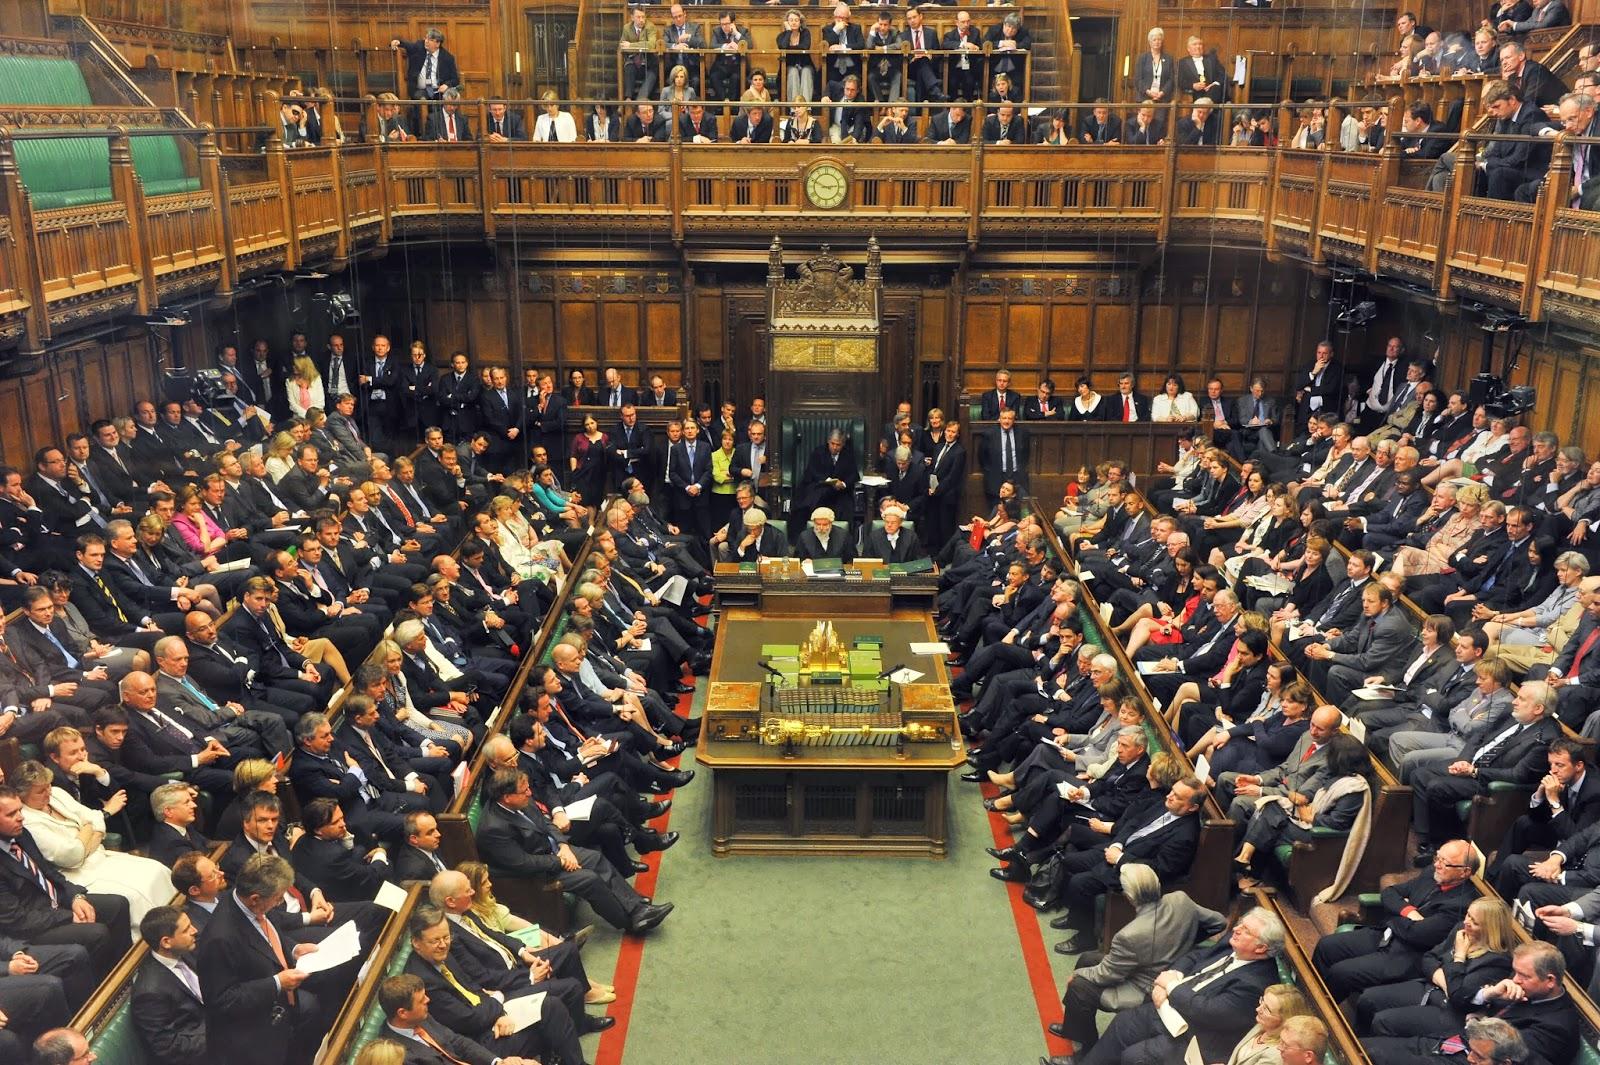 مشرعون موالون لخروج بريطانيا يدرسون اتفاقا على النمط النرويجي